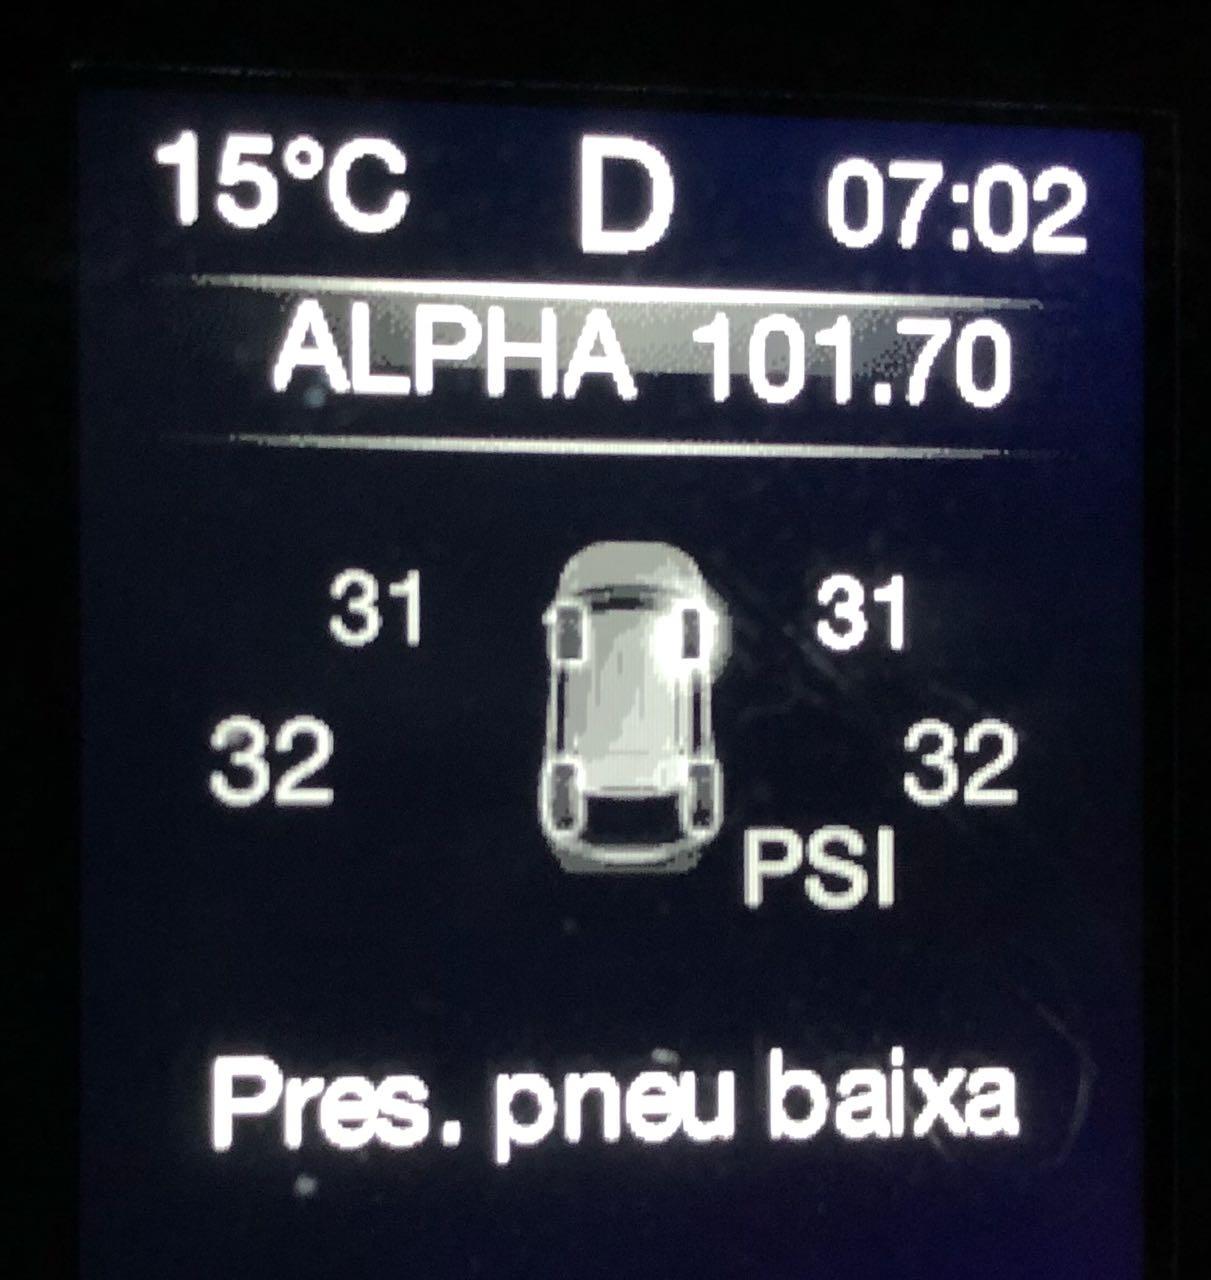 IoT ajudando no meu carro